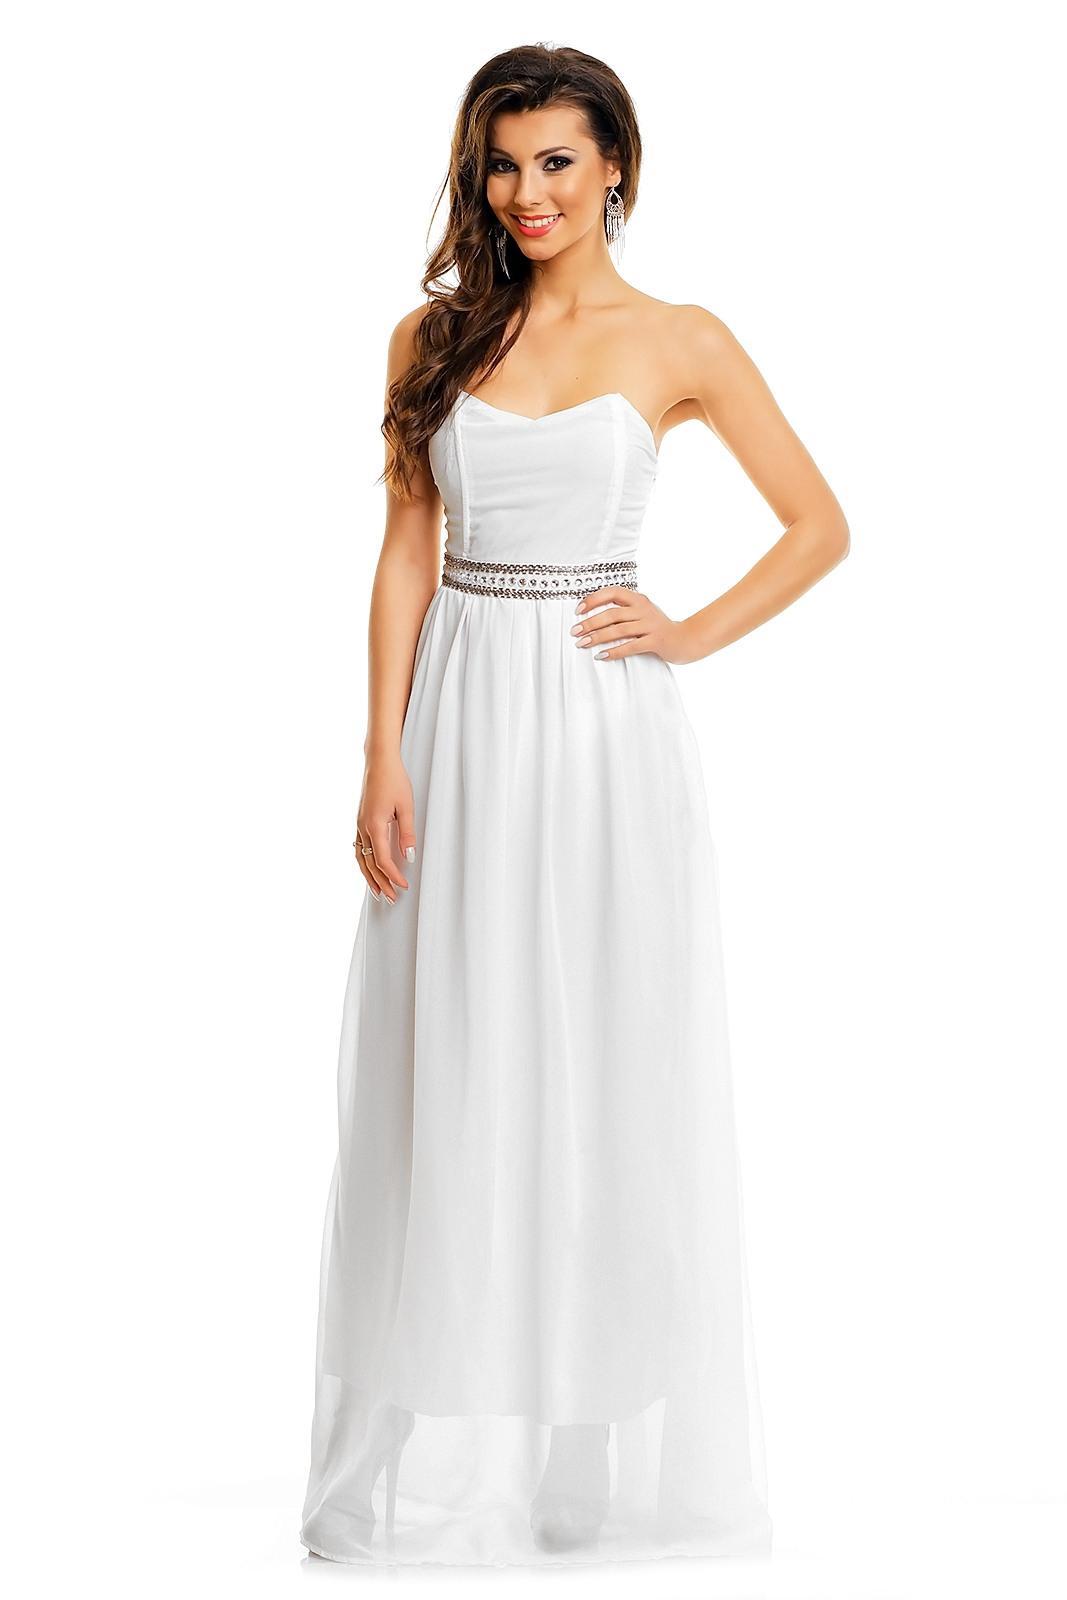 Abend Spektakulär Abendkleider Lang Schwarz Weiß Stylish10 Elegant Abendkleider Lang Schwarz Weiß Boutique